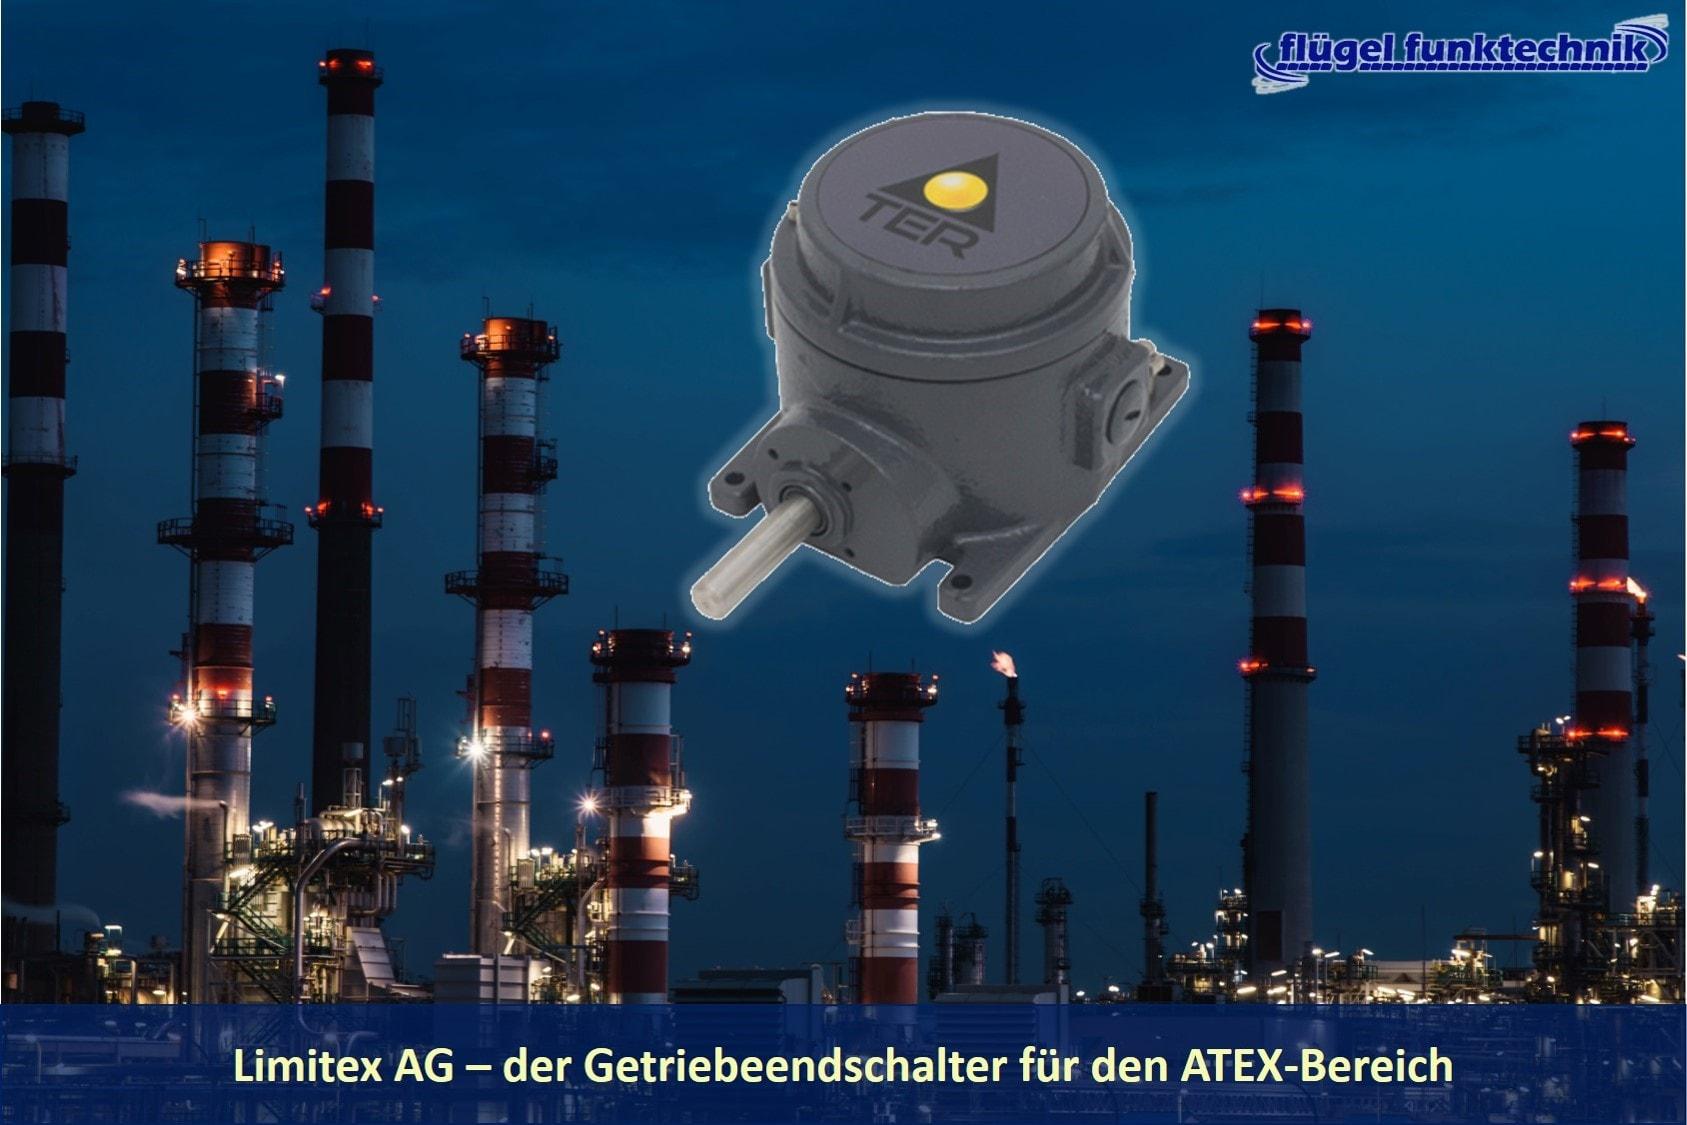 ATEX Getriebeendschalter